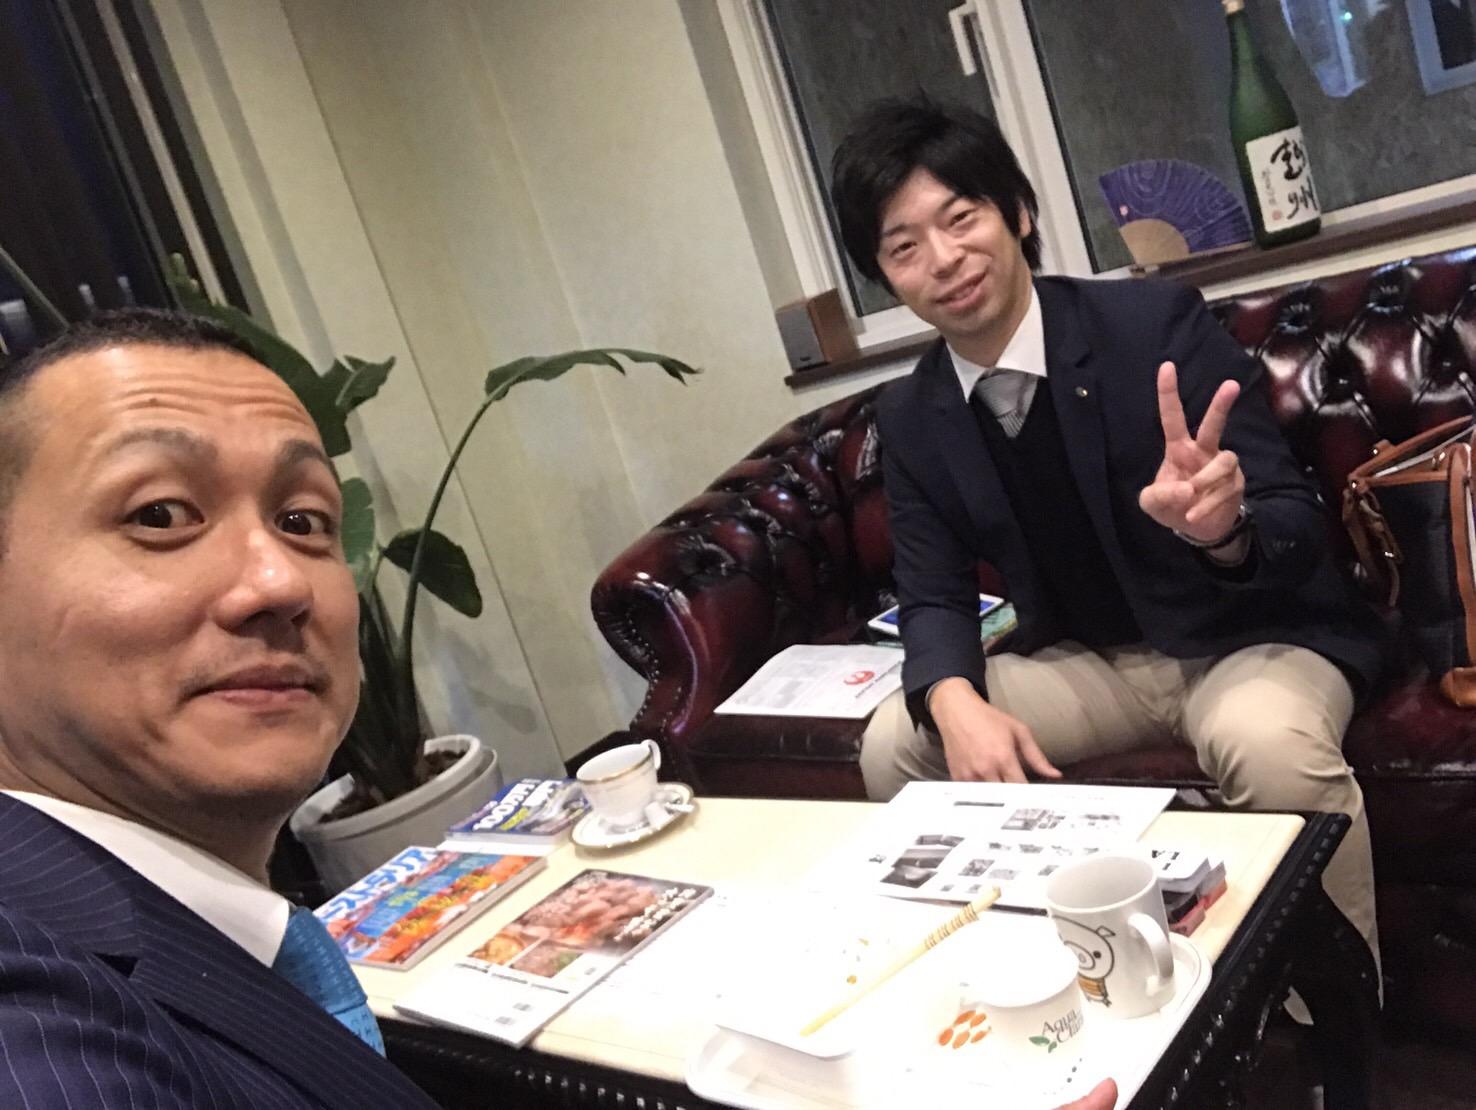 11月30日水曜日のひとログ(。・ω・。) 植東さん卒業!!!今までありがとうございました!_b0127002_18532388.jpg